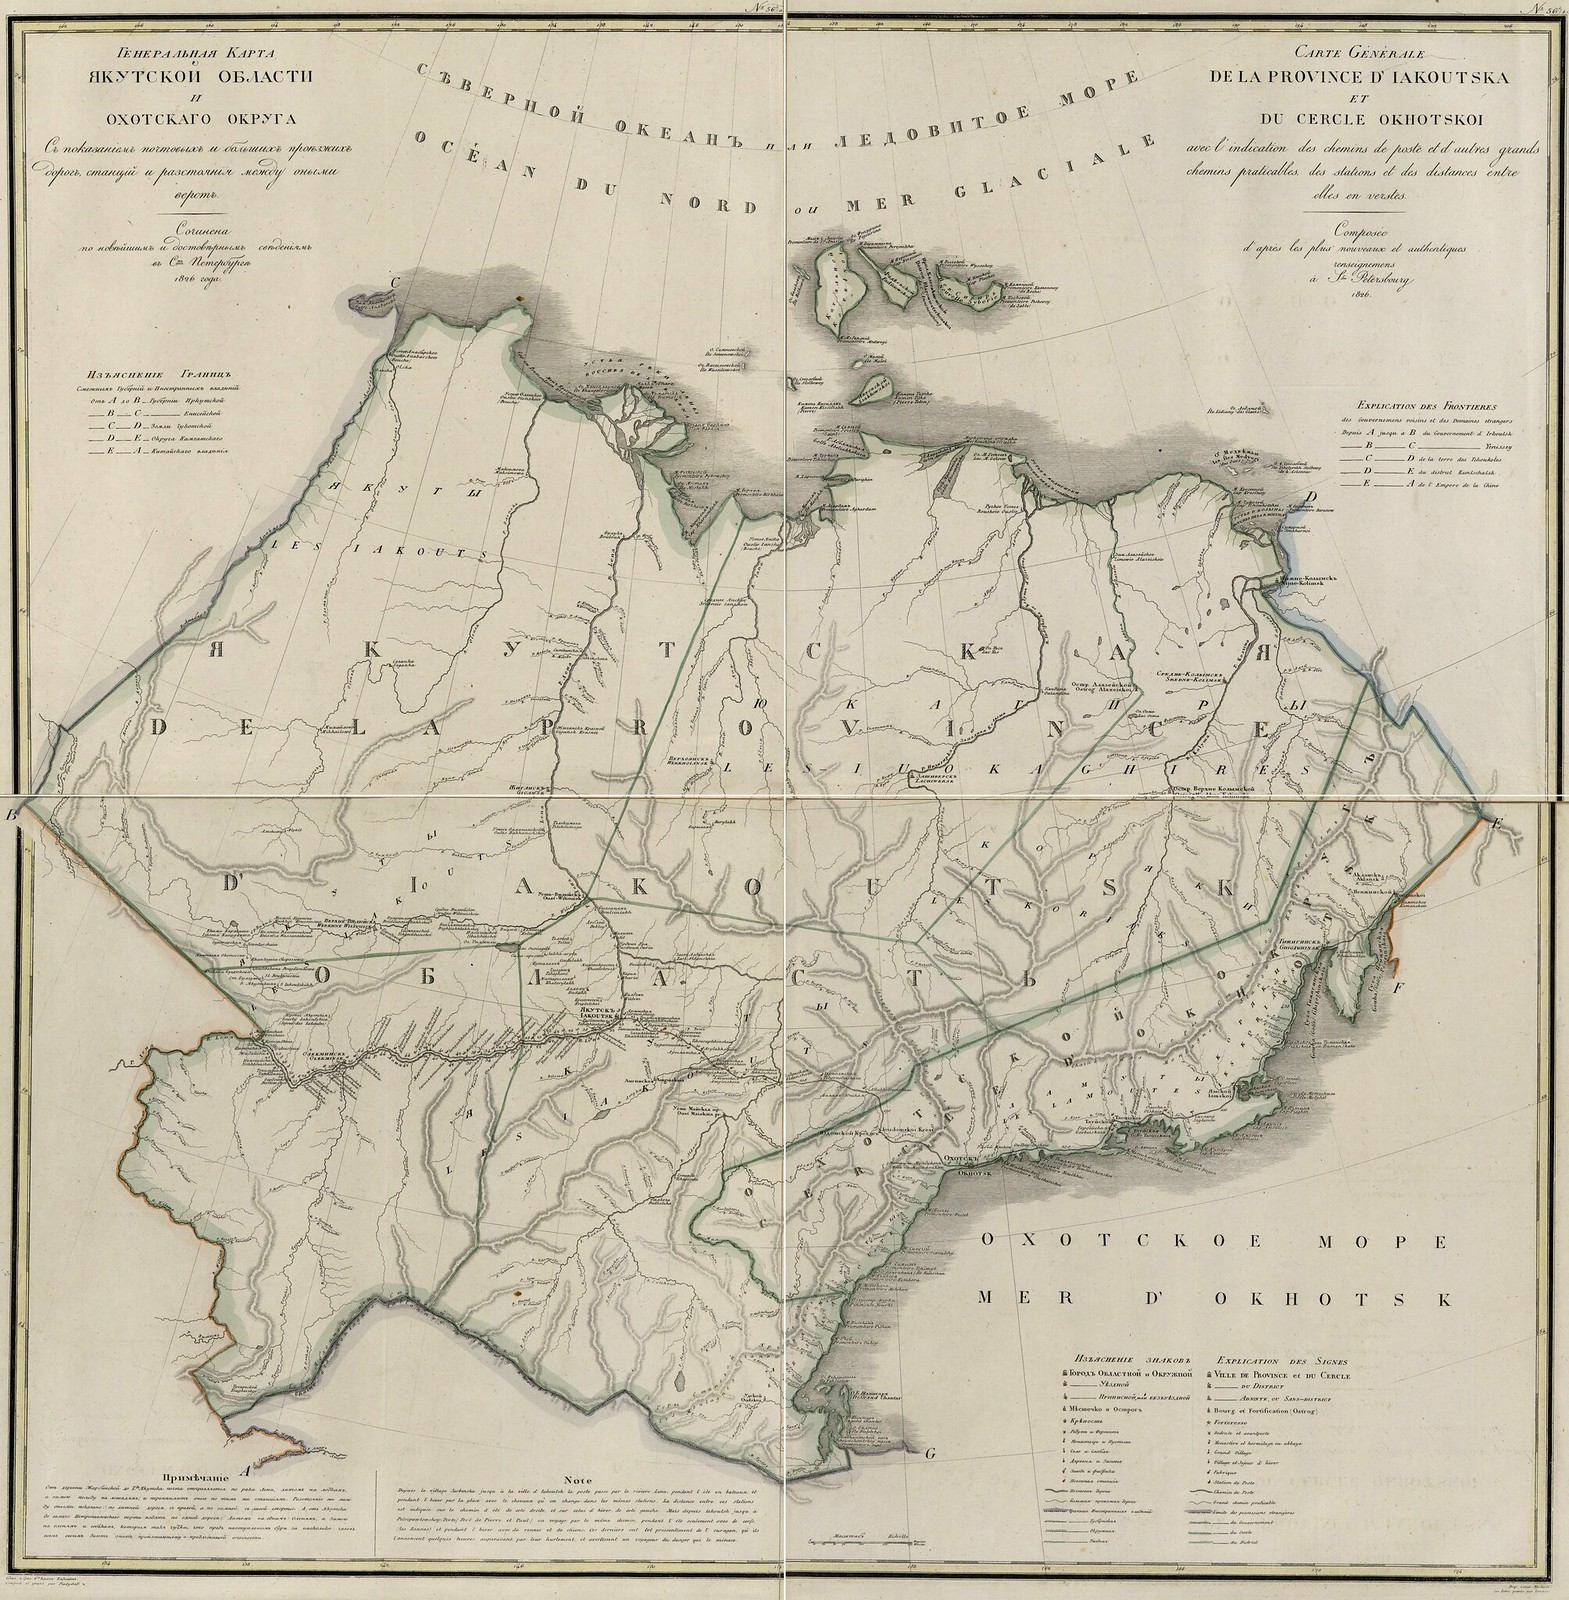 56. Якутская губерния и Охотский округ. 1826